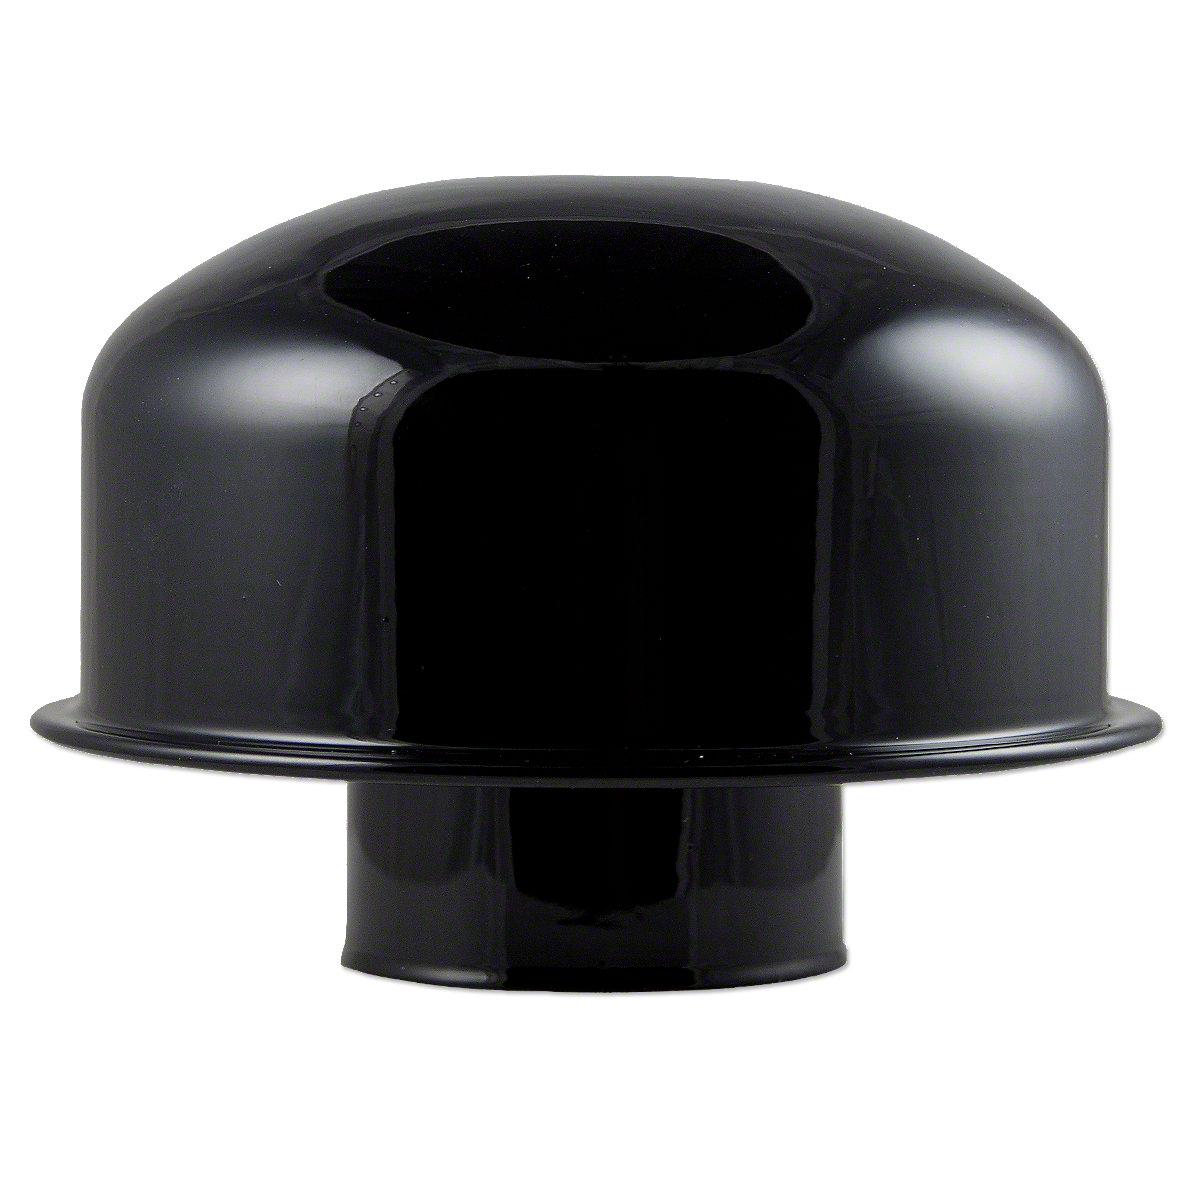 Air Cleaner Cap : Abc air cleaner cap